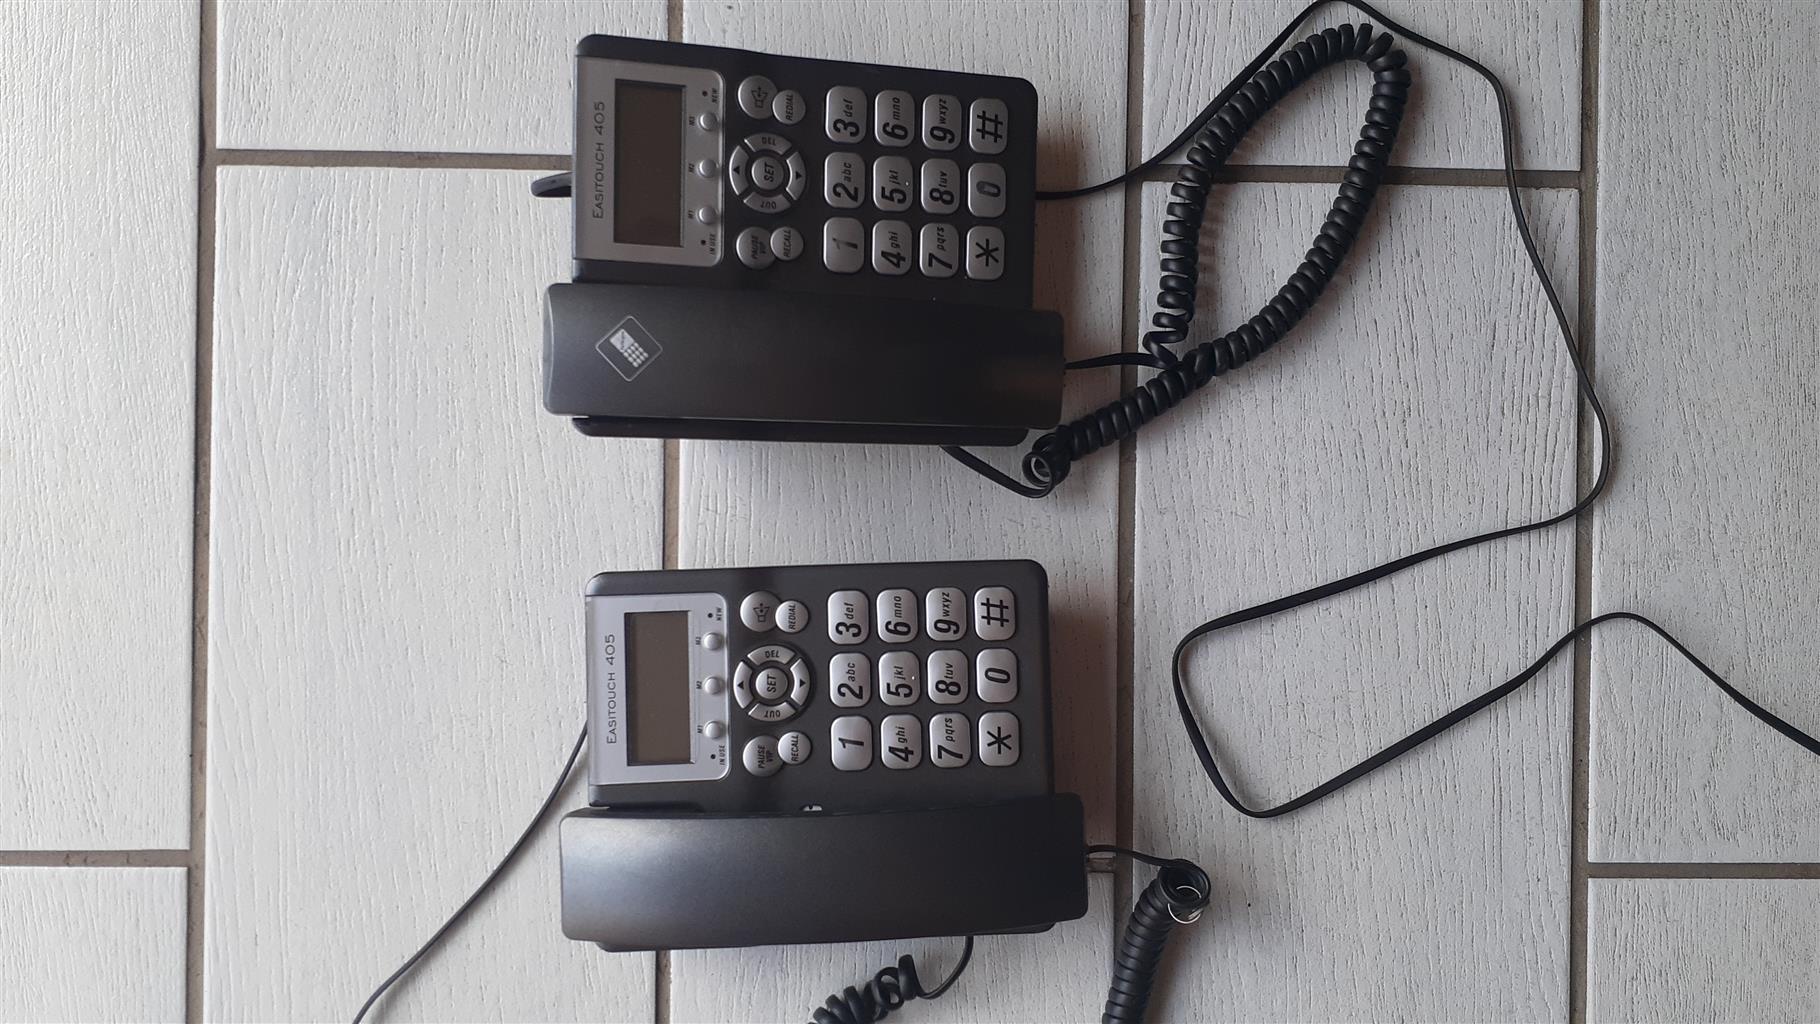 TELKOM LAND LINE PHONES EASYTOUCH 405